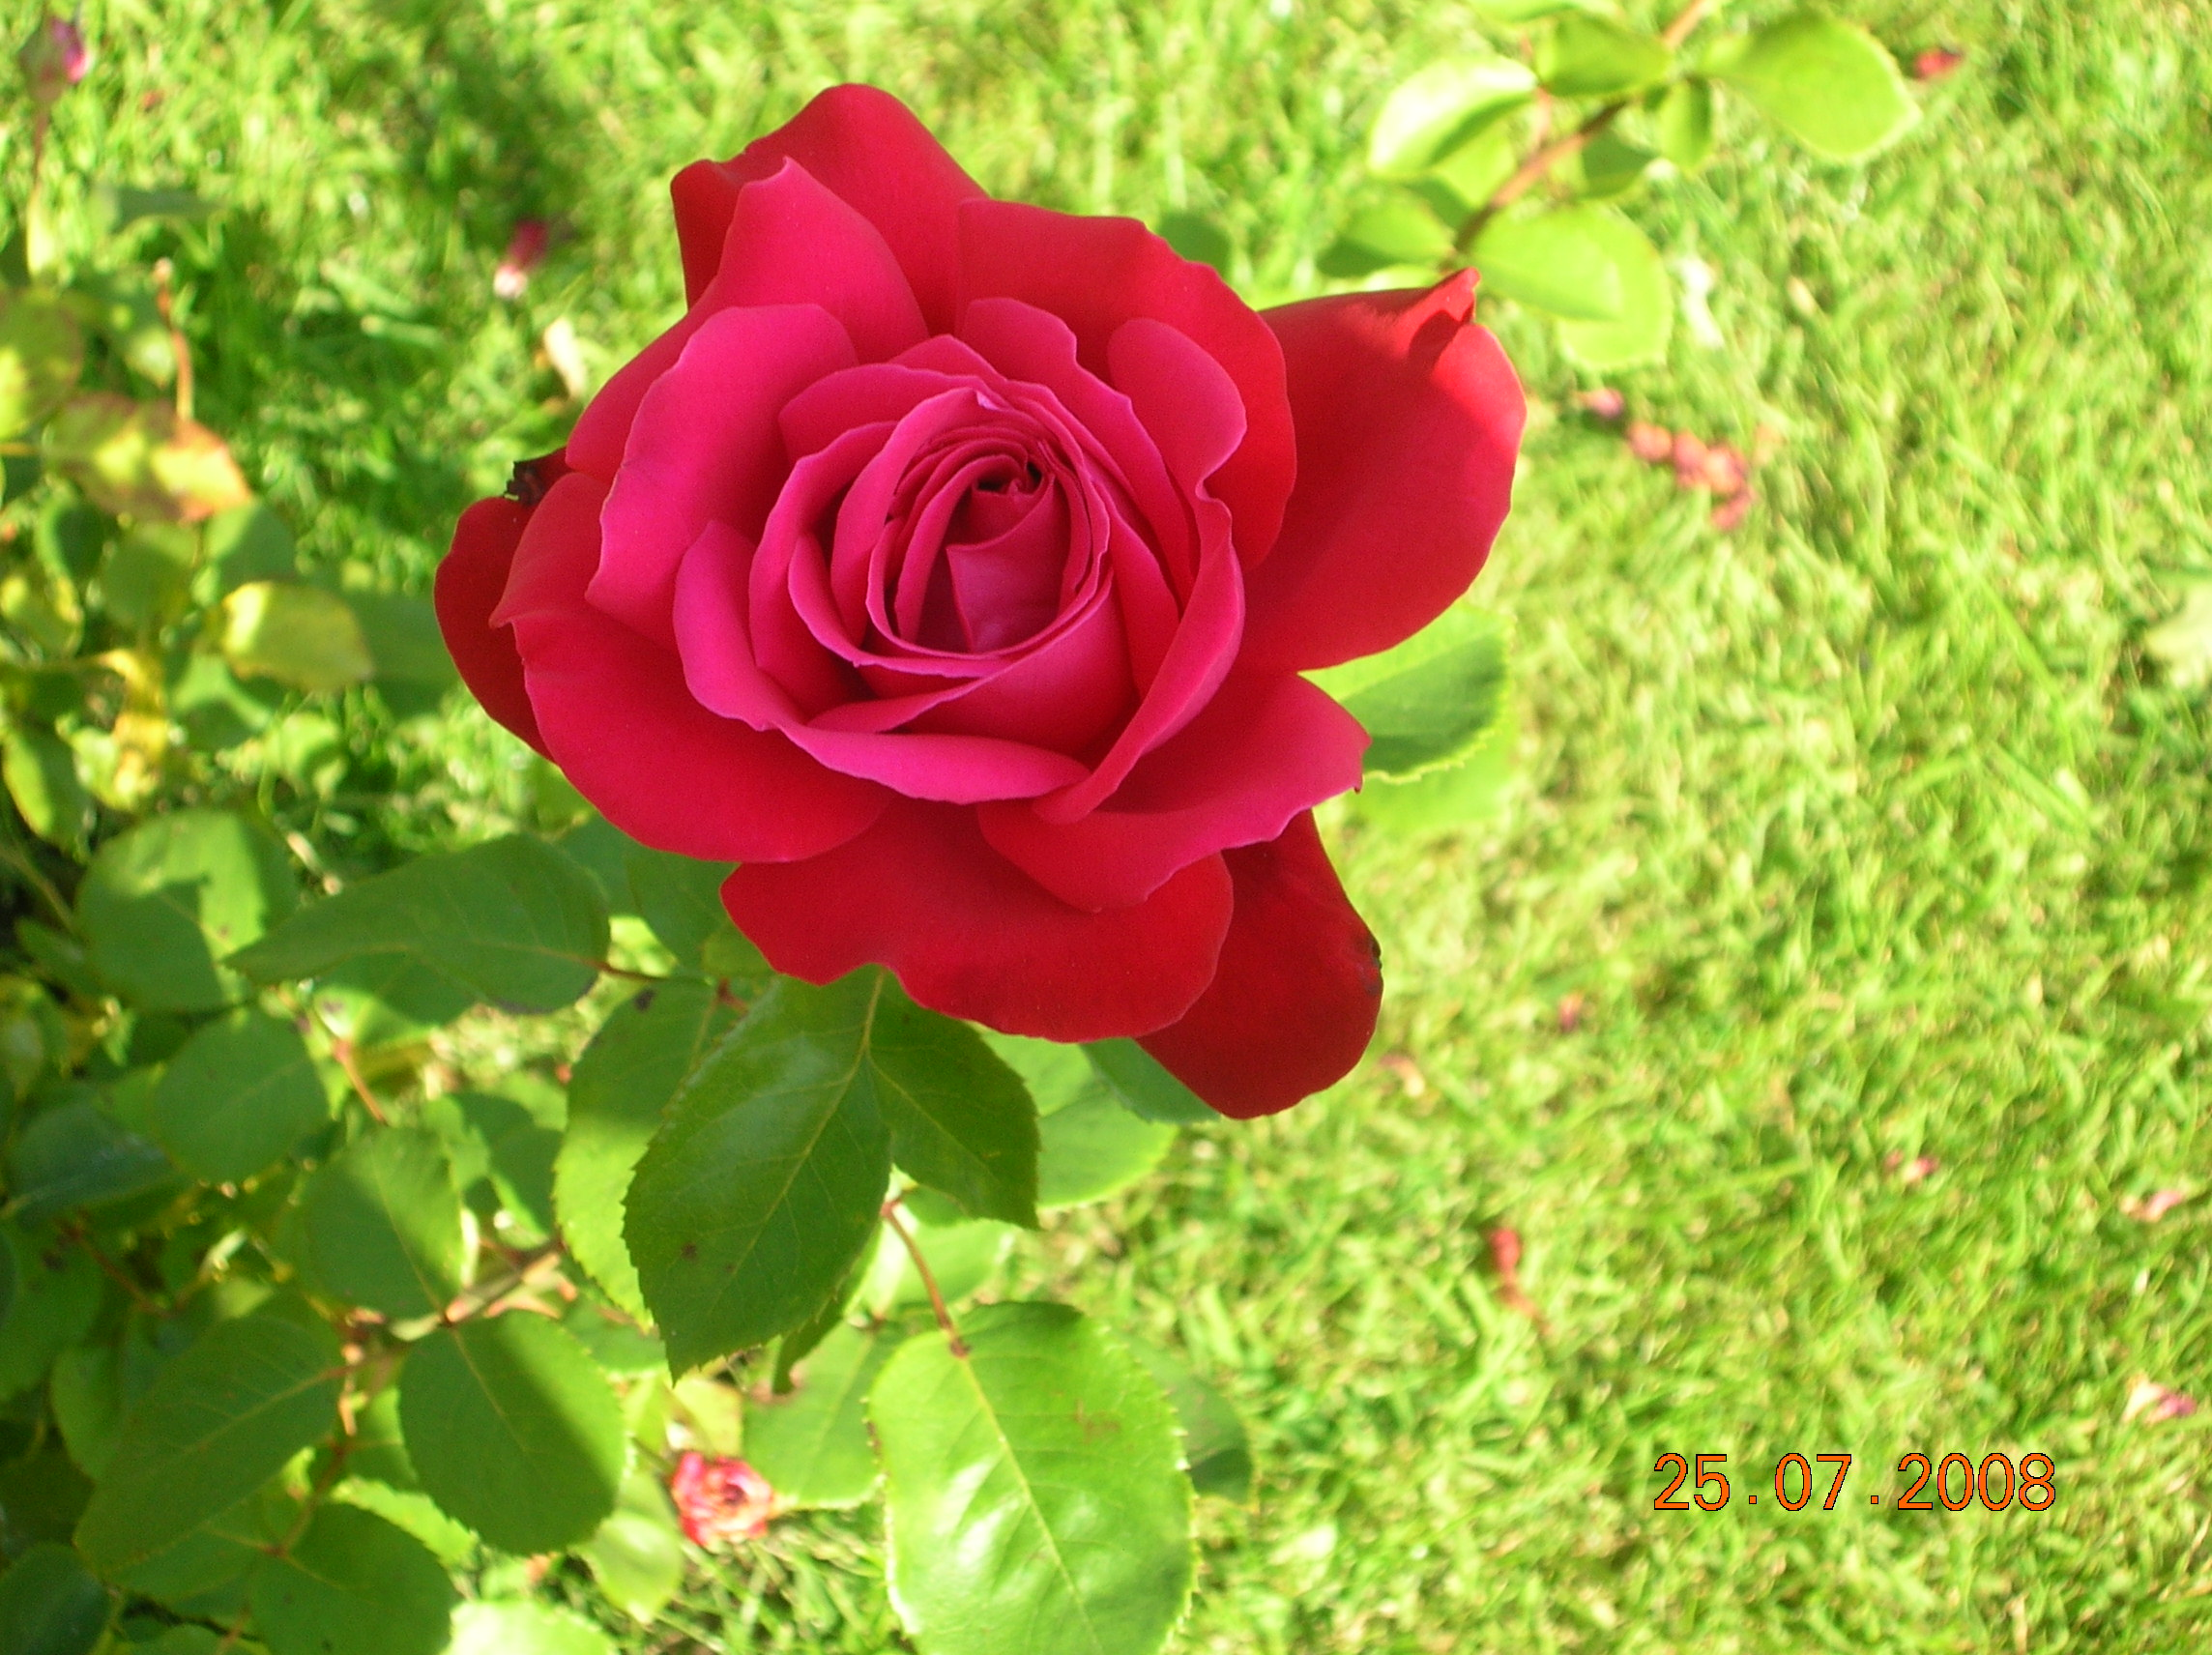 Fond d'écran image la rose de mon jardin, photo de lise